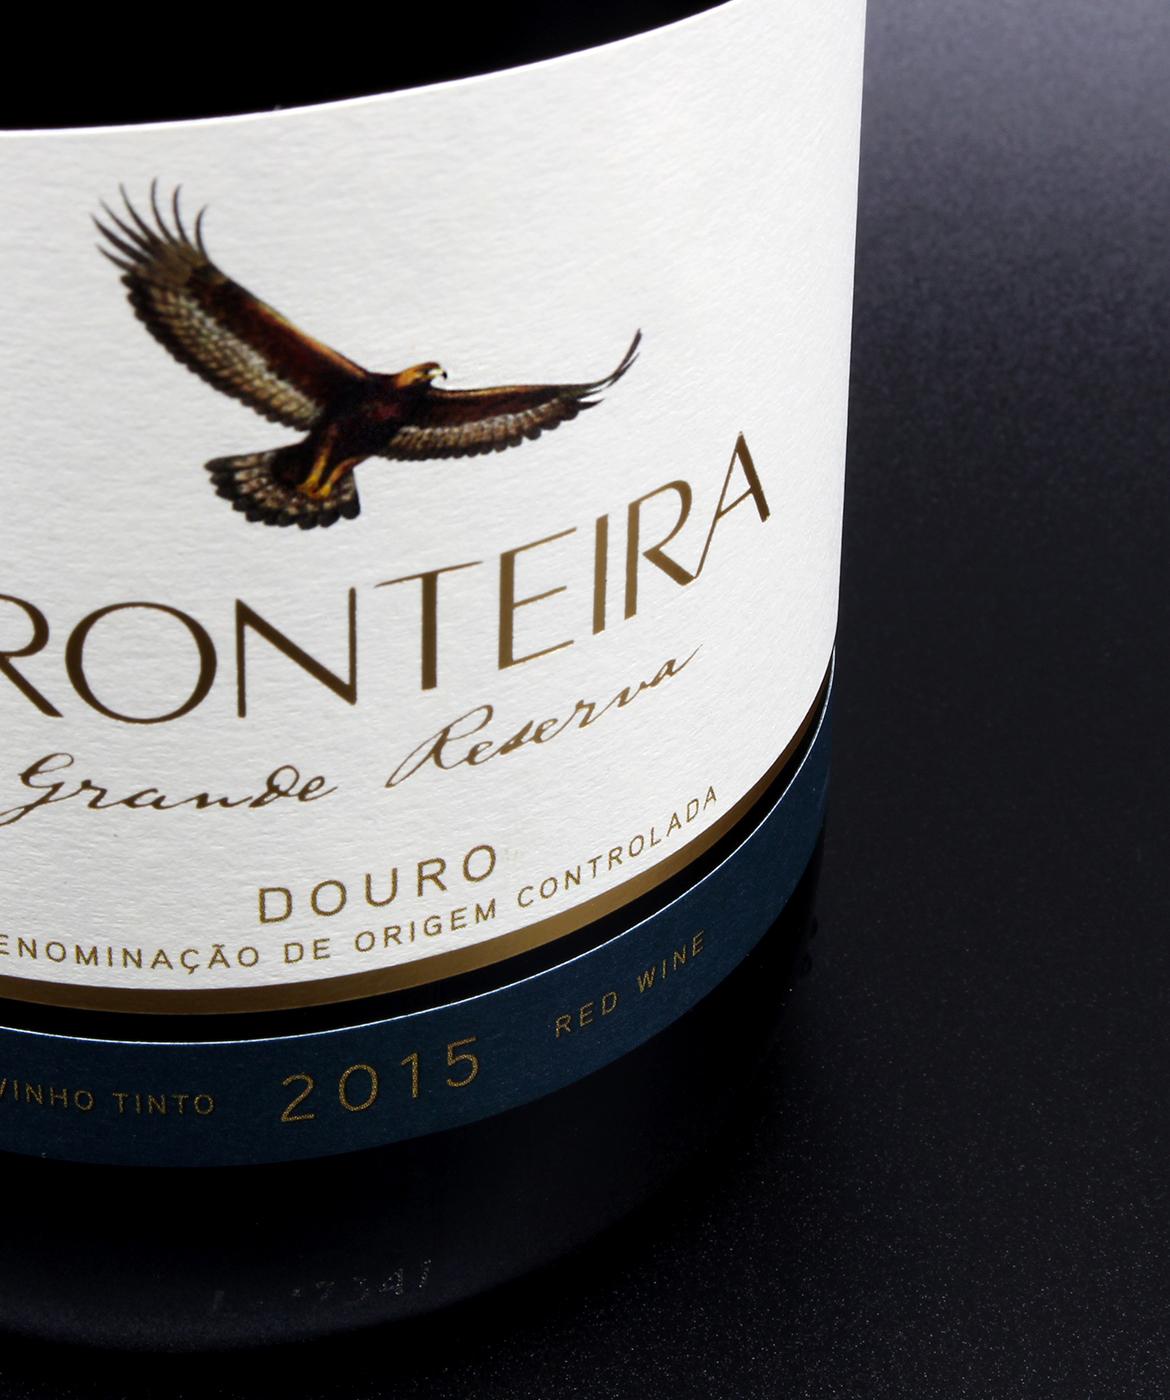 Fronteira Grande Reserva   Vinhos Tintos   Quinta dos Castelares